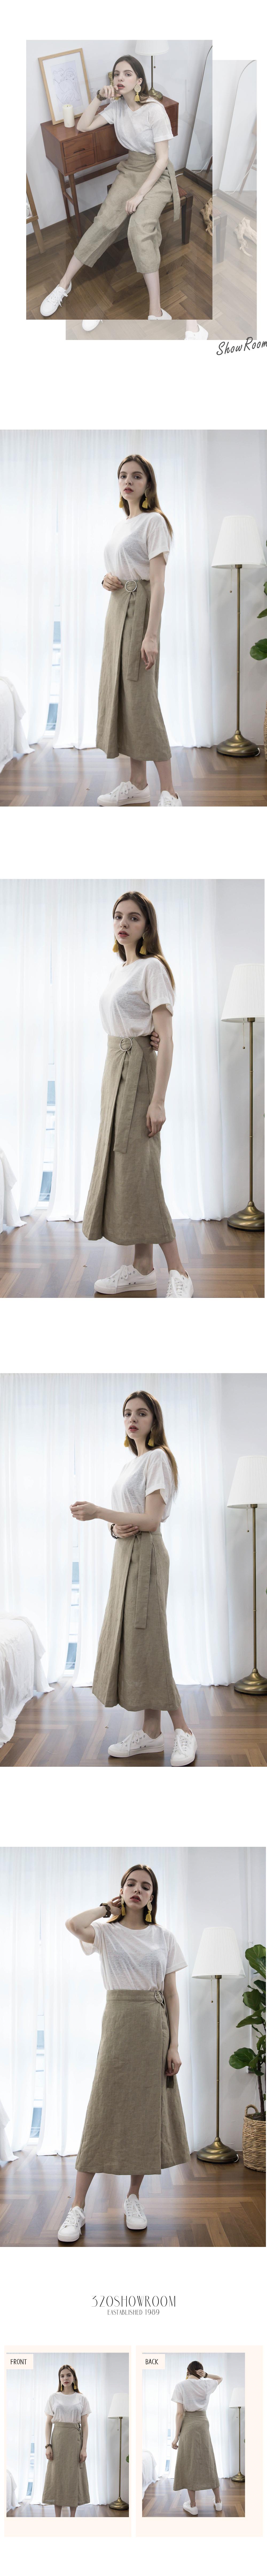 linen-set-SK_KK_DETAIL1_02.jpg